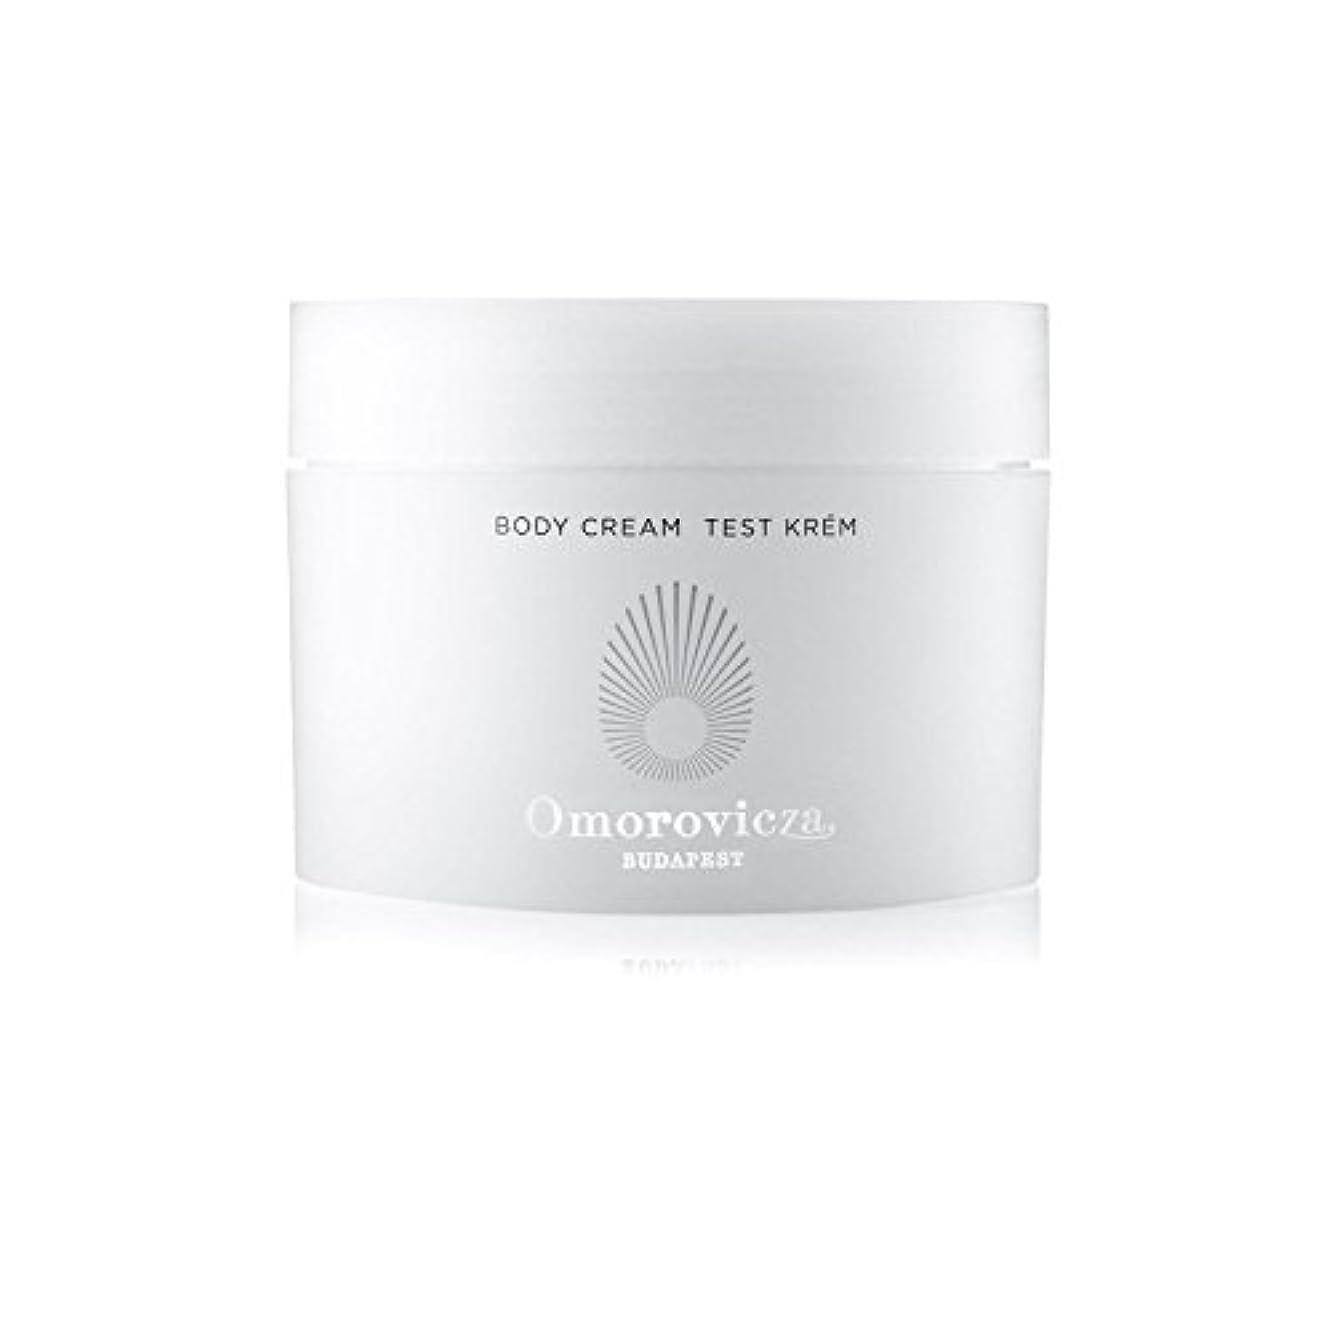 死傷者マスタード艦隊Omorovicza Body Cream (200ml) (Pack of 6) - ボディクリーム(200ミリリットル) x6 [並行輸入品]